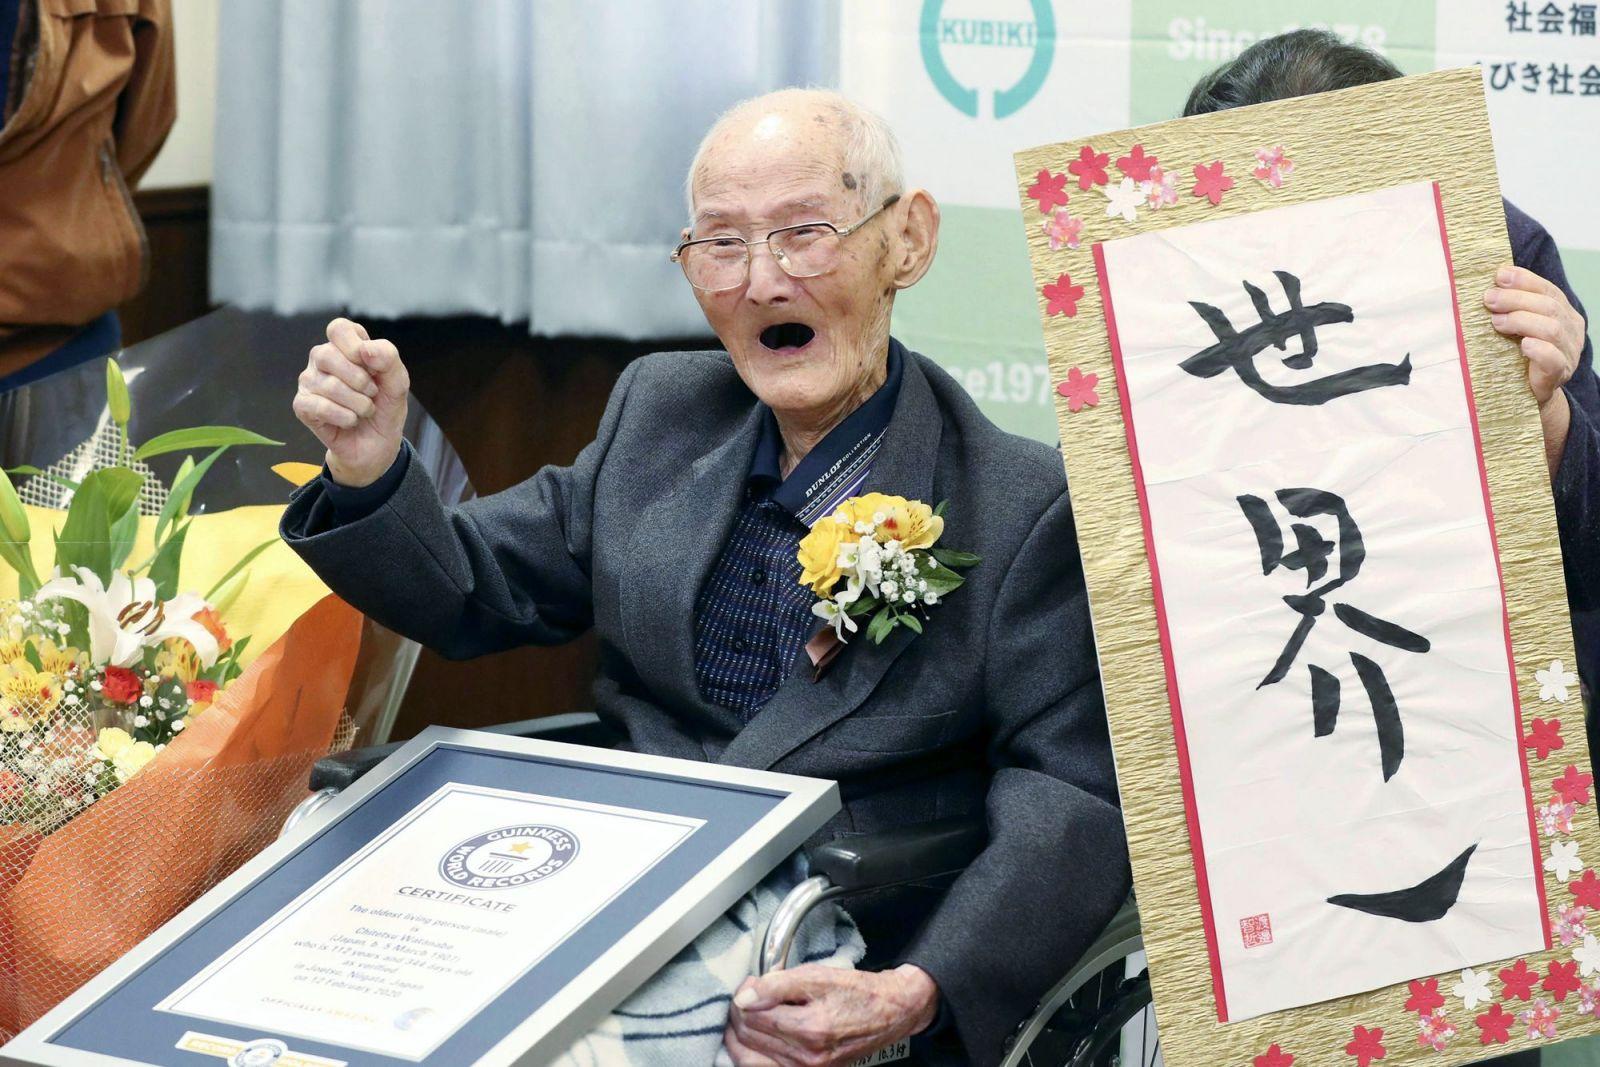 Zemřel nejstarší muž světa, bylo mu neuvěřitelných 112 let